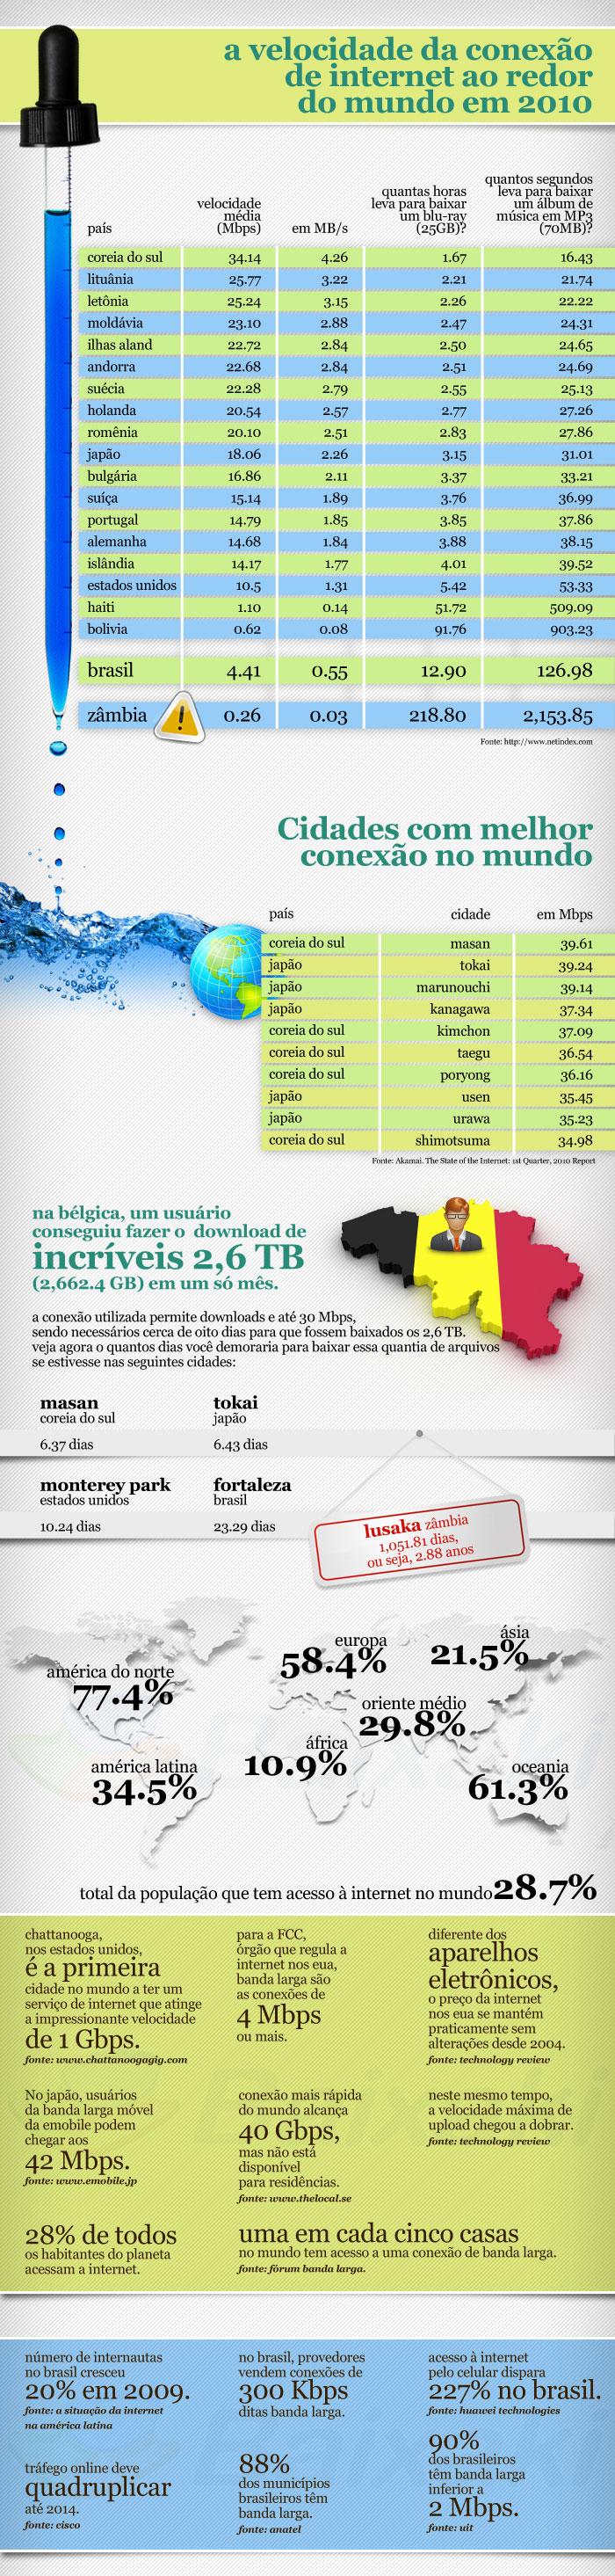 A internet no mundo em 2010